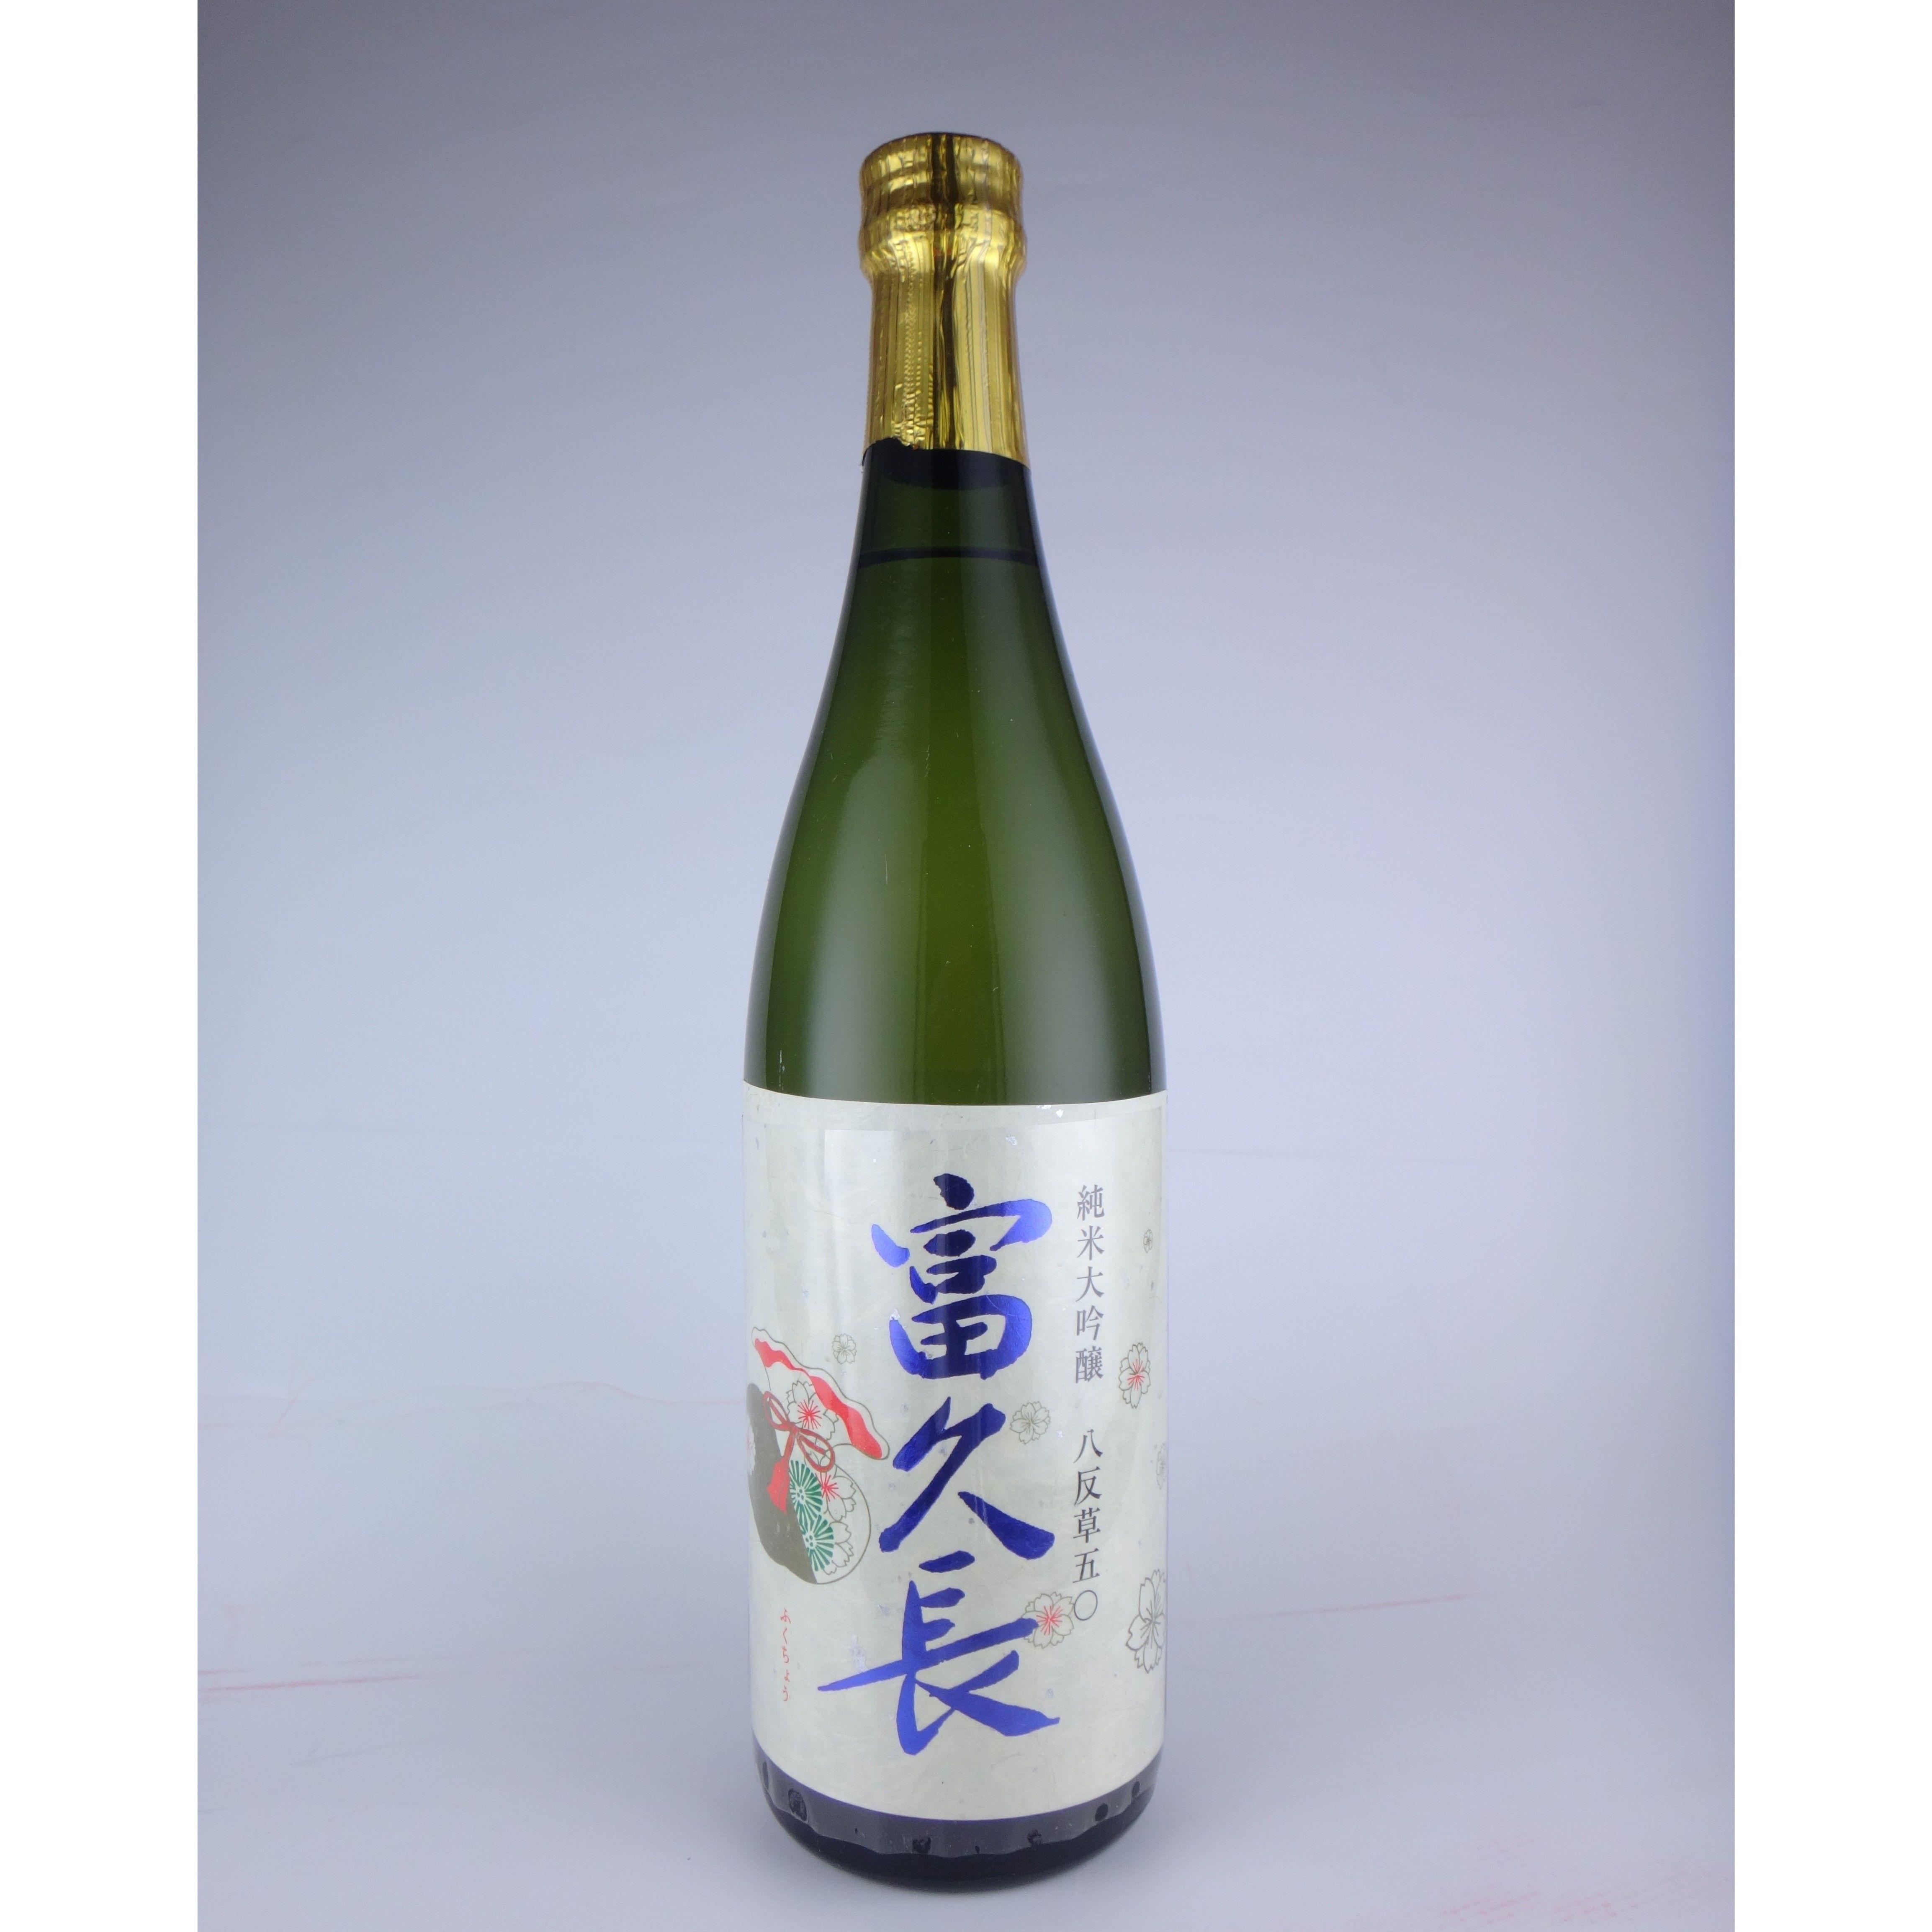 富久長 純米大吟醸 八反草50/今田酒造